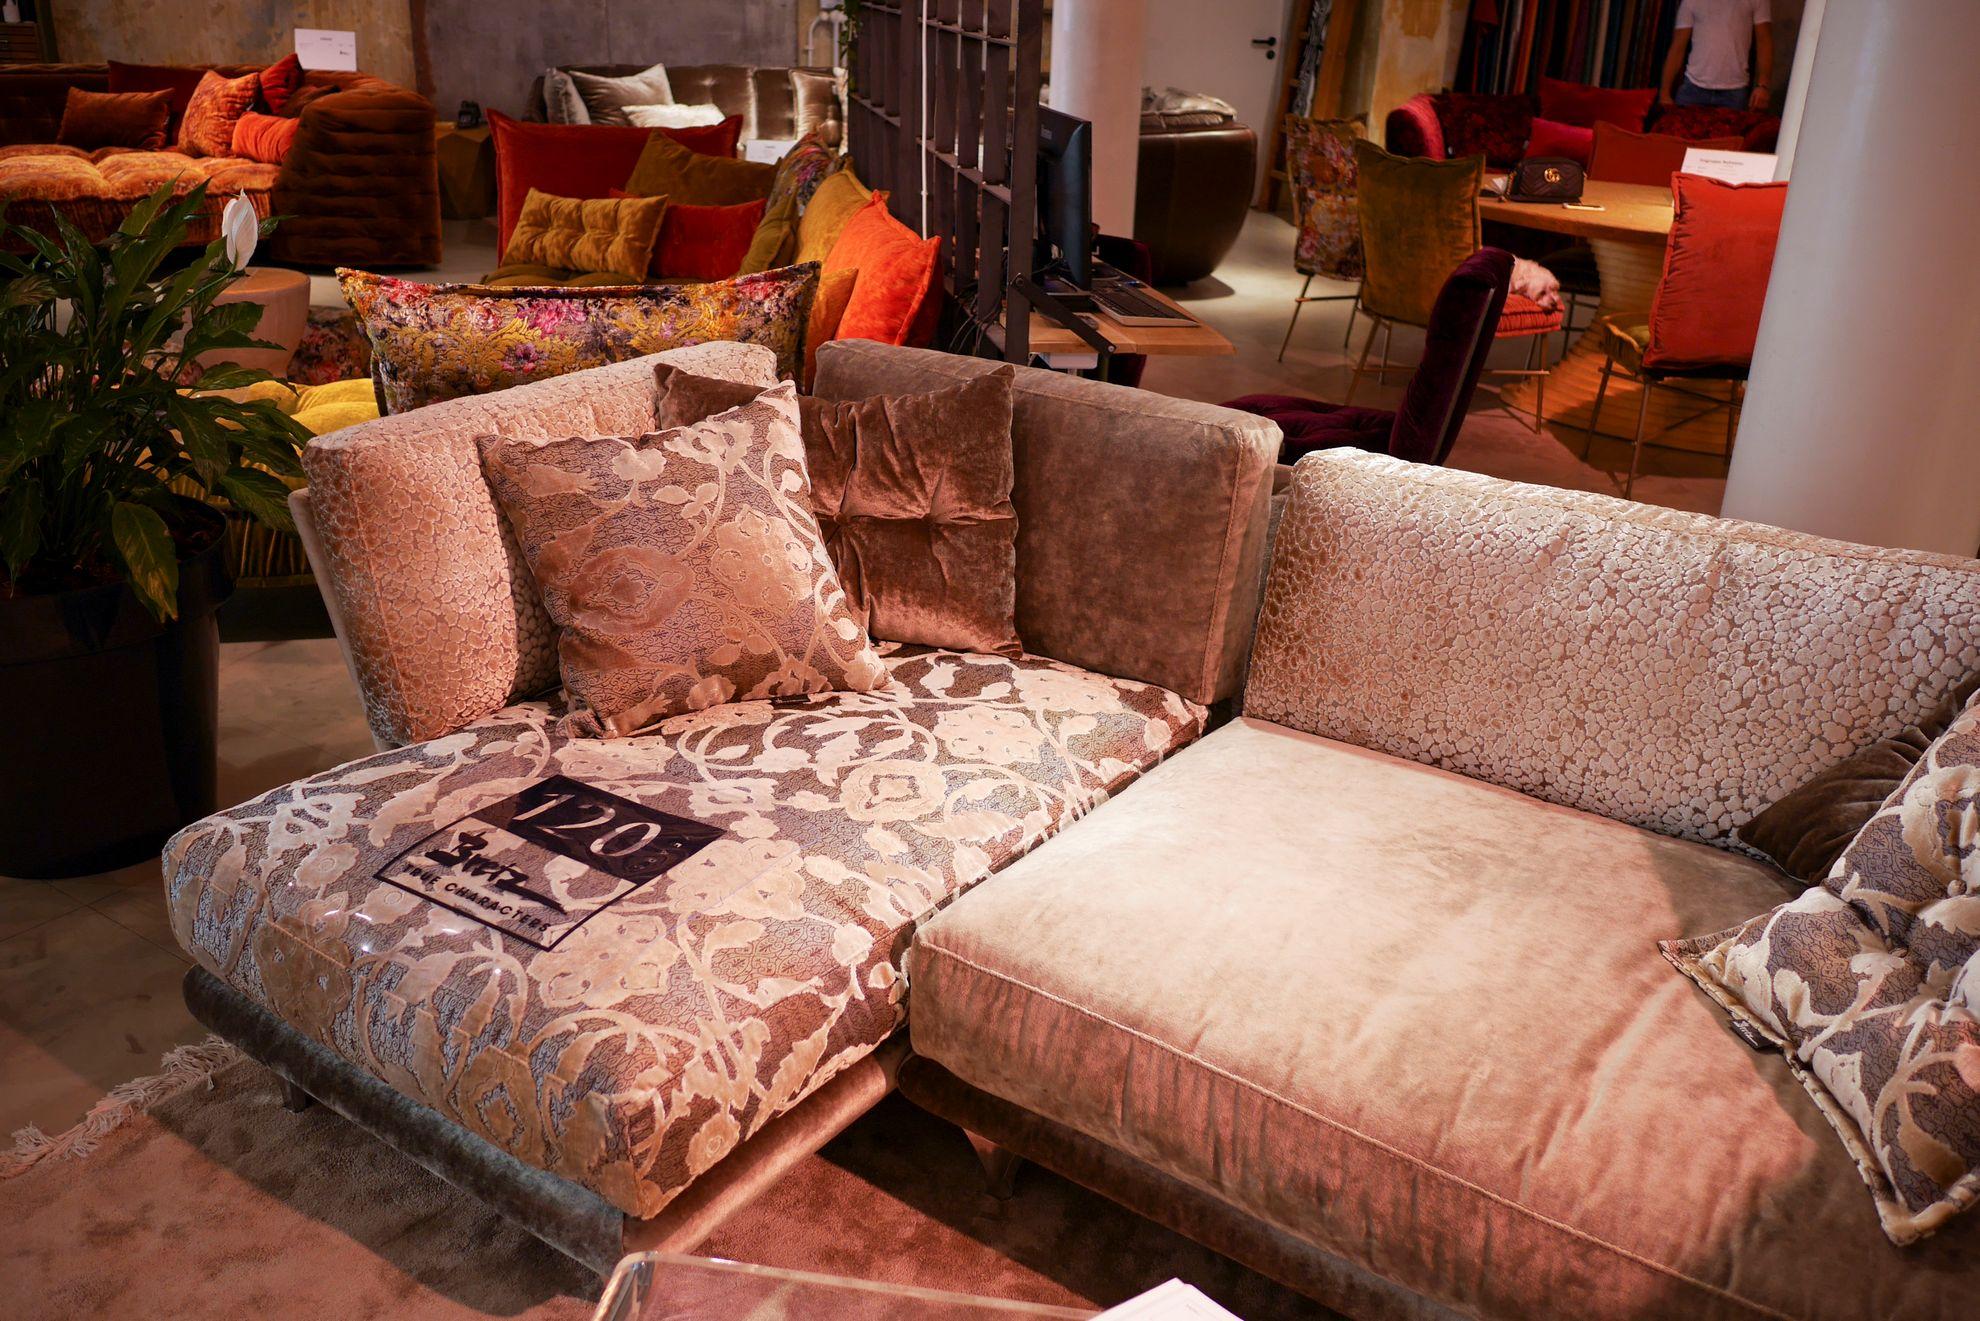 bretz store frankfurt 2016 12 19 010 bretz store frankfurt. Black Bedroom Furniture Sets. Home Design Ideas